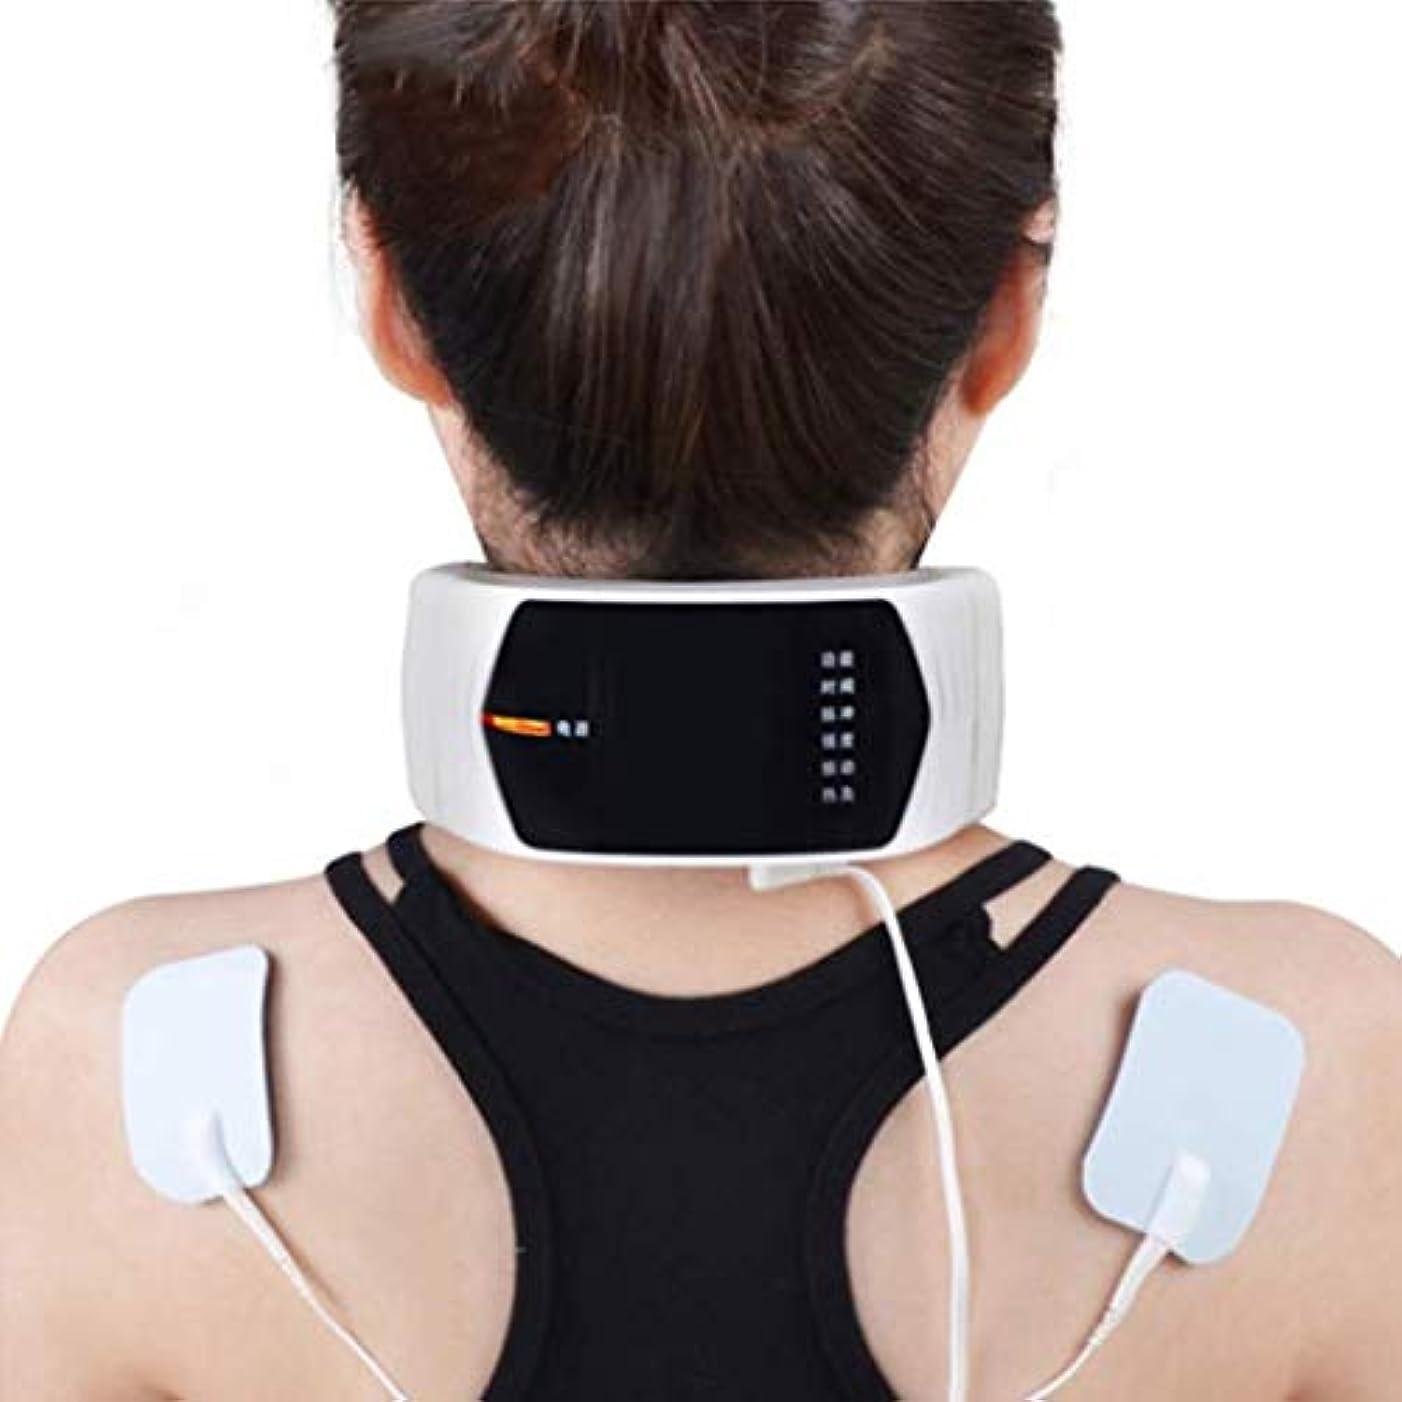 ペインティングイタリック送る電動マッサージャー、パルスネック頸部マッサージャー、ワイヤレスリモコンマッサージツール、インテリジェント理学療法マッサージャープラスアダプター